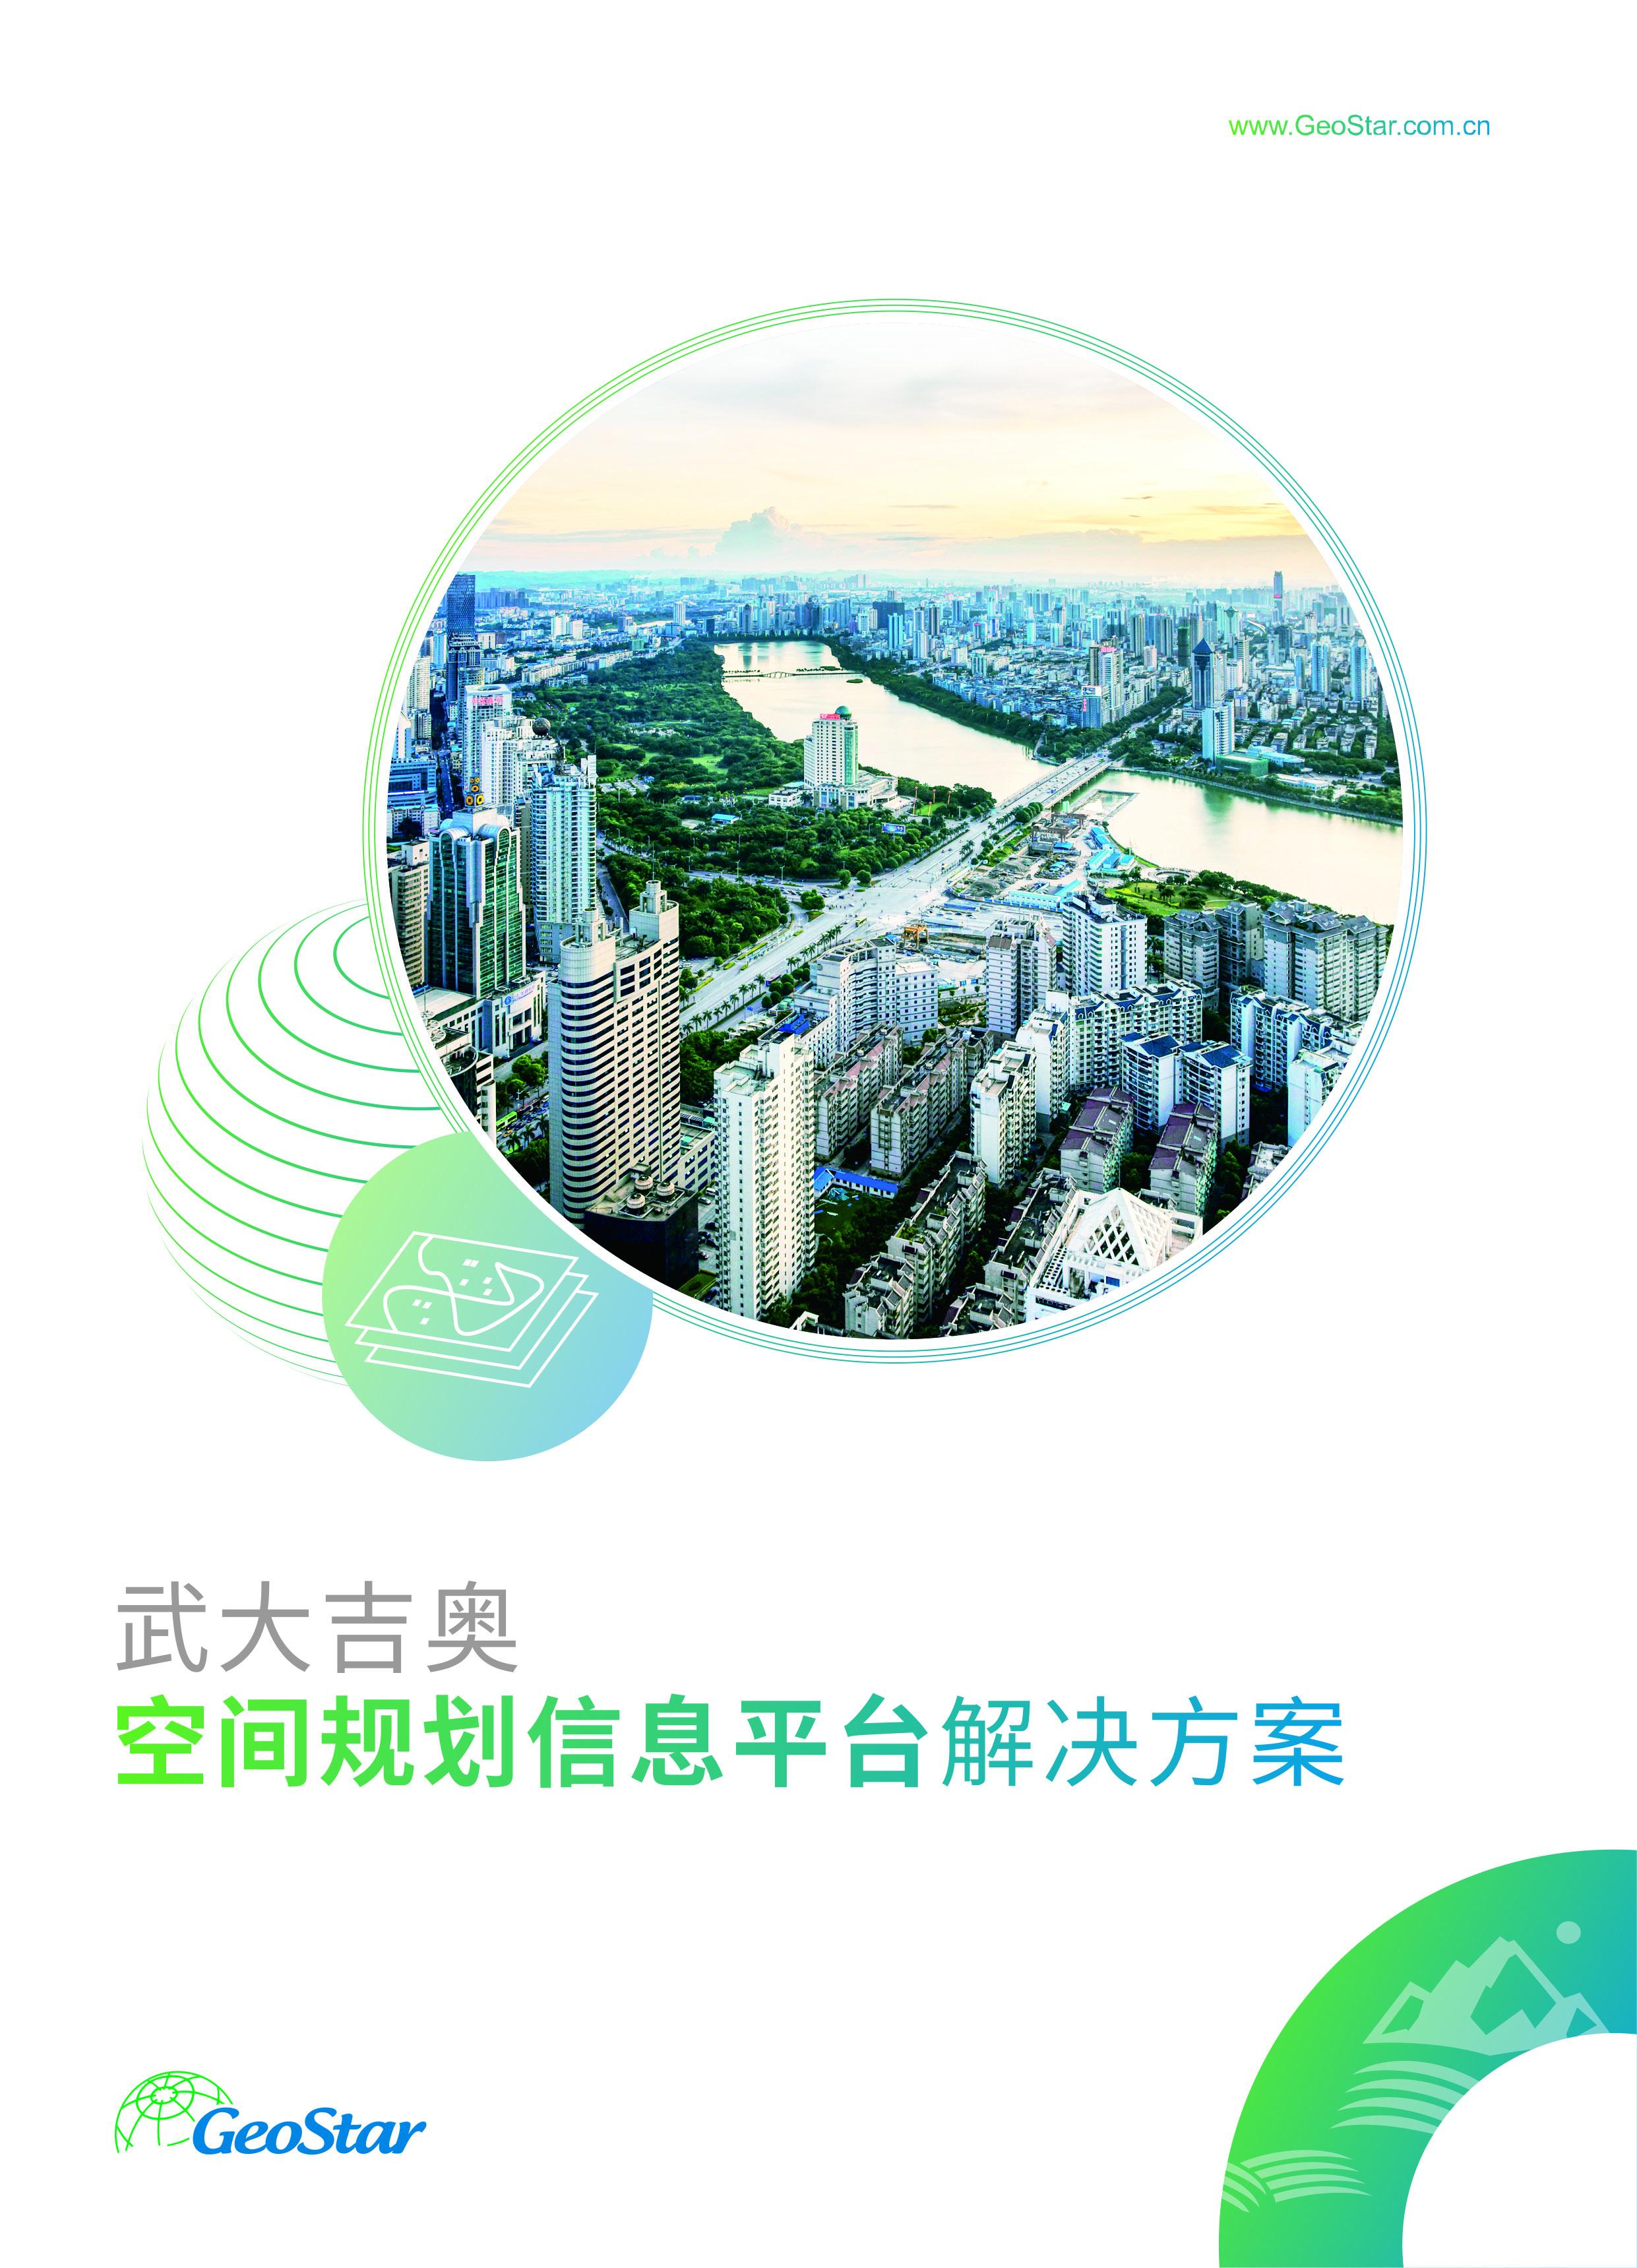 武大吉奧空間規劃信息平臺解決方案-封面圖